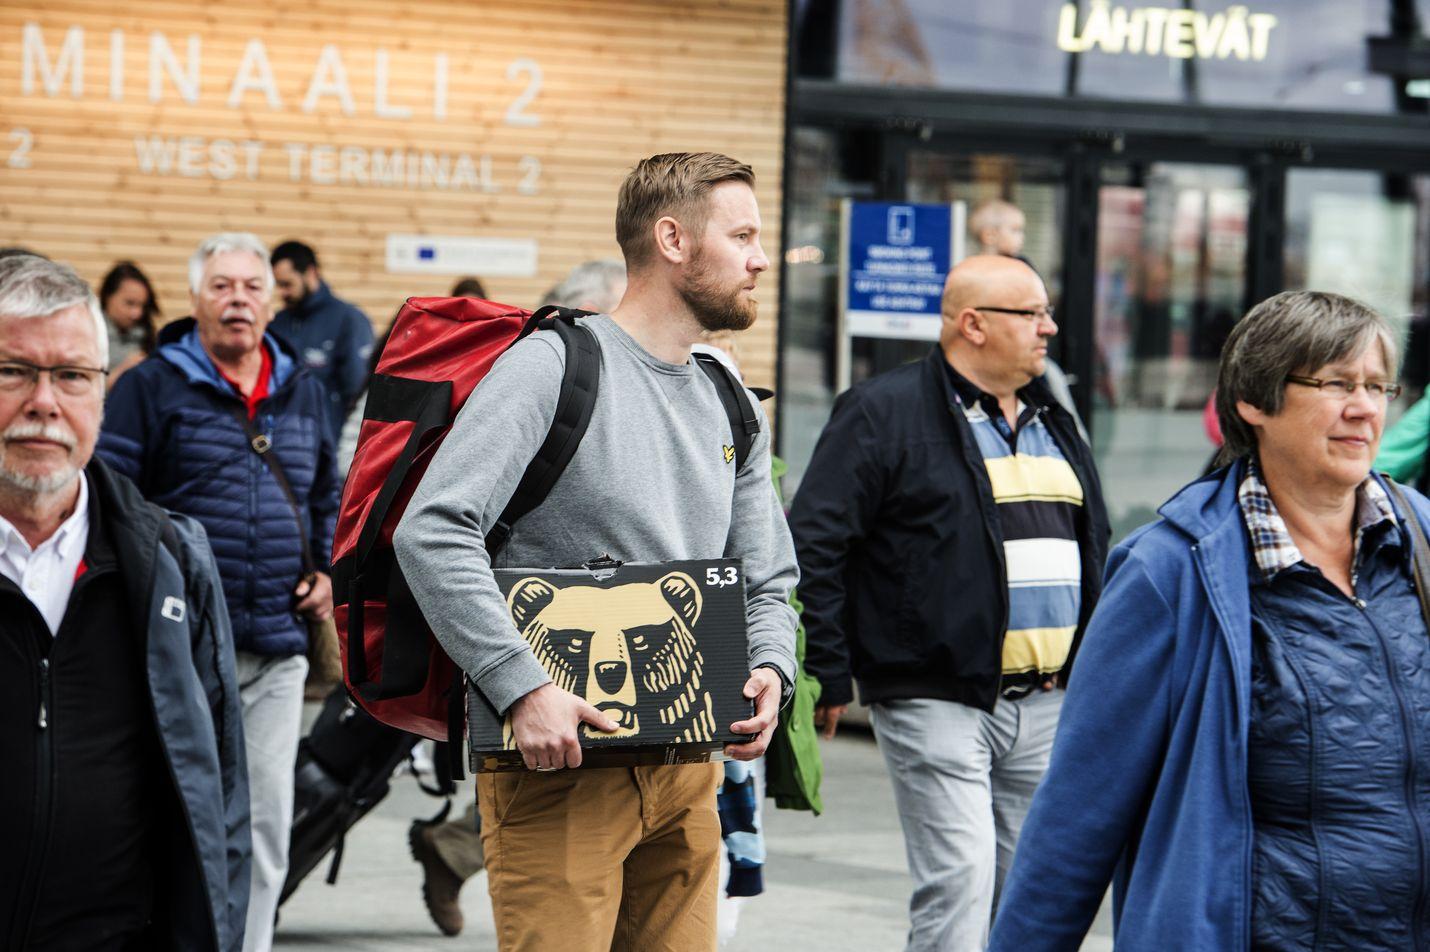 Ville Jalava saapui Tallinnan-laivalta Helsinkiin mukanaan laatikollinen suomalaista olutta. Ostopäätöksen takana oli edullinen hinta. Panimoliiton mukaan Suomen olutvero on EU-maiden korkein.